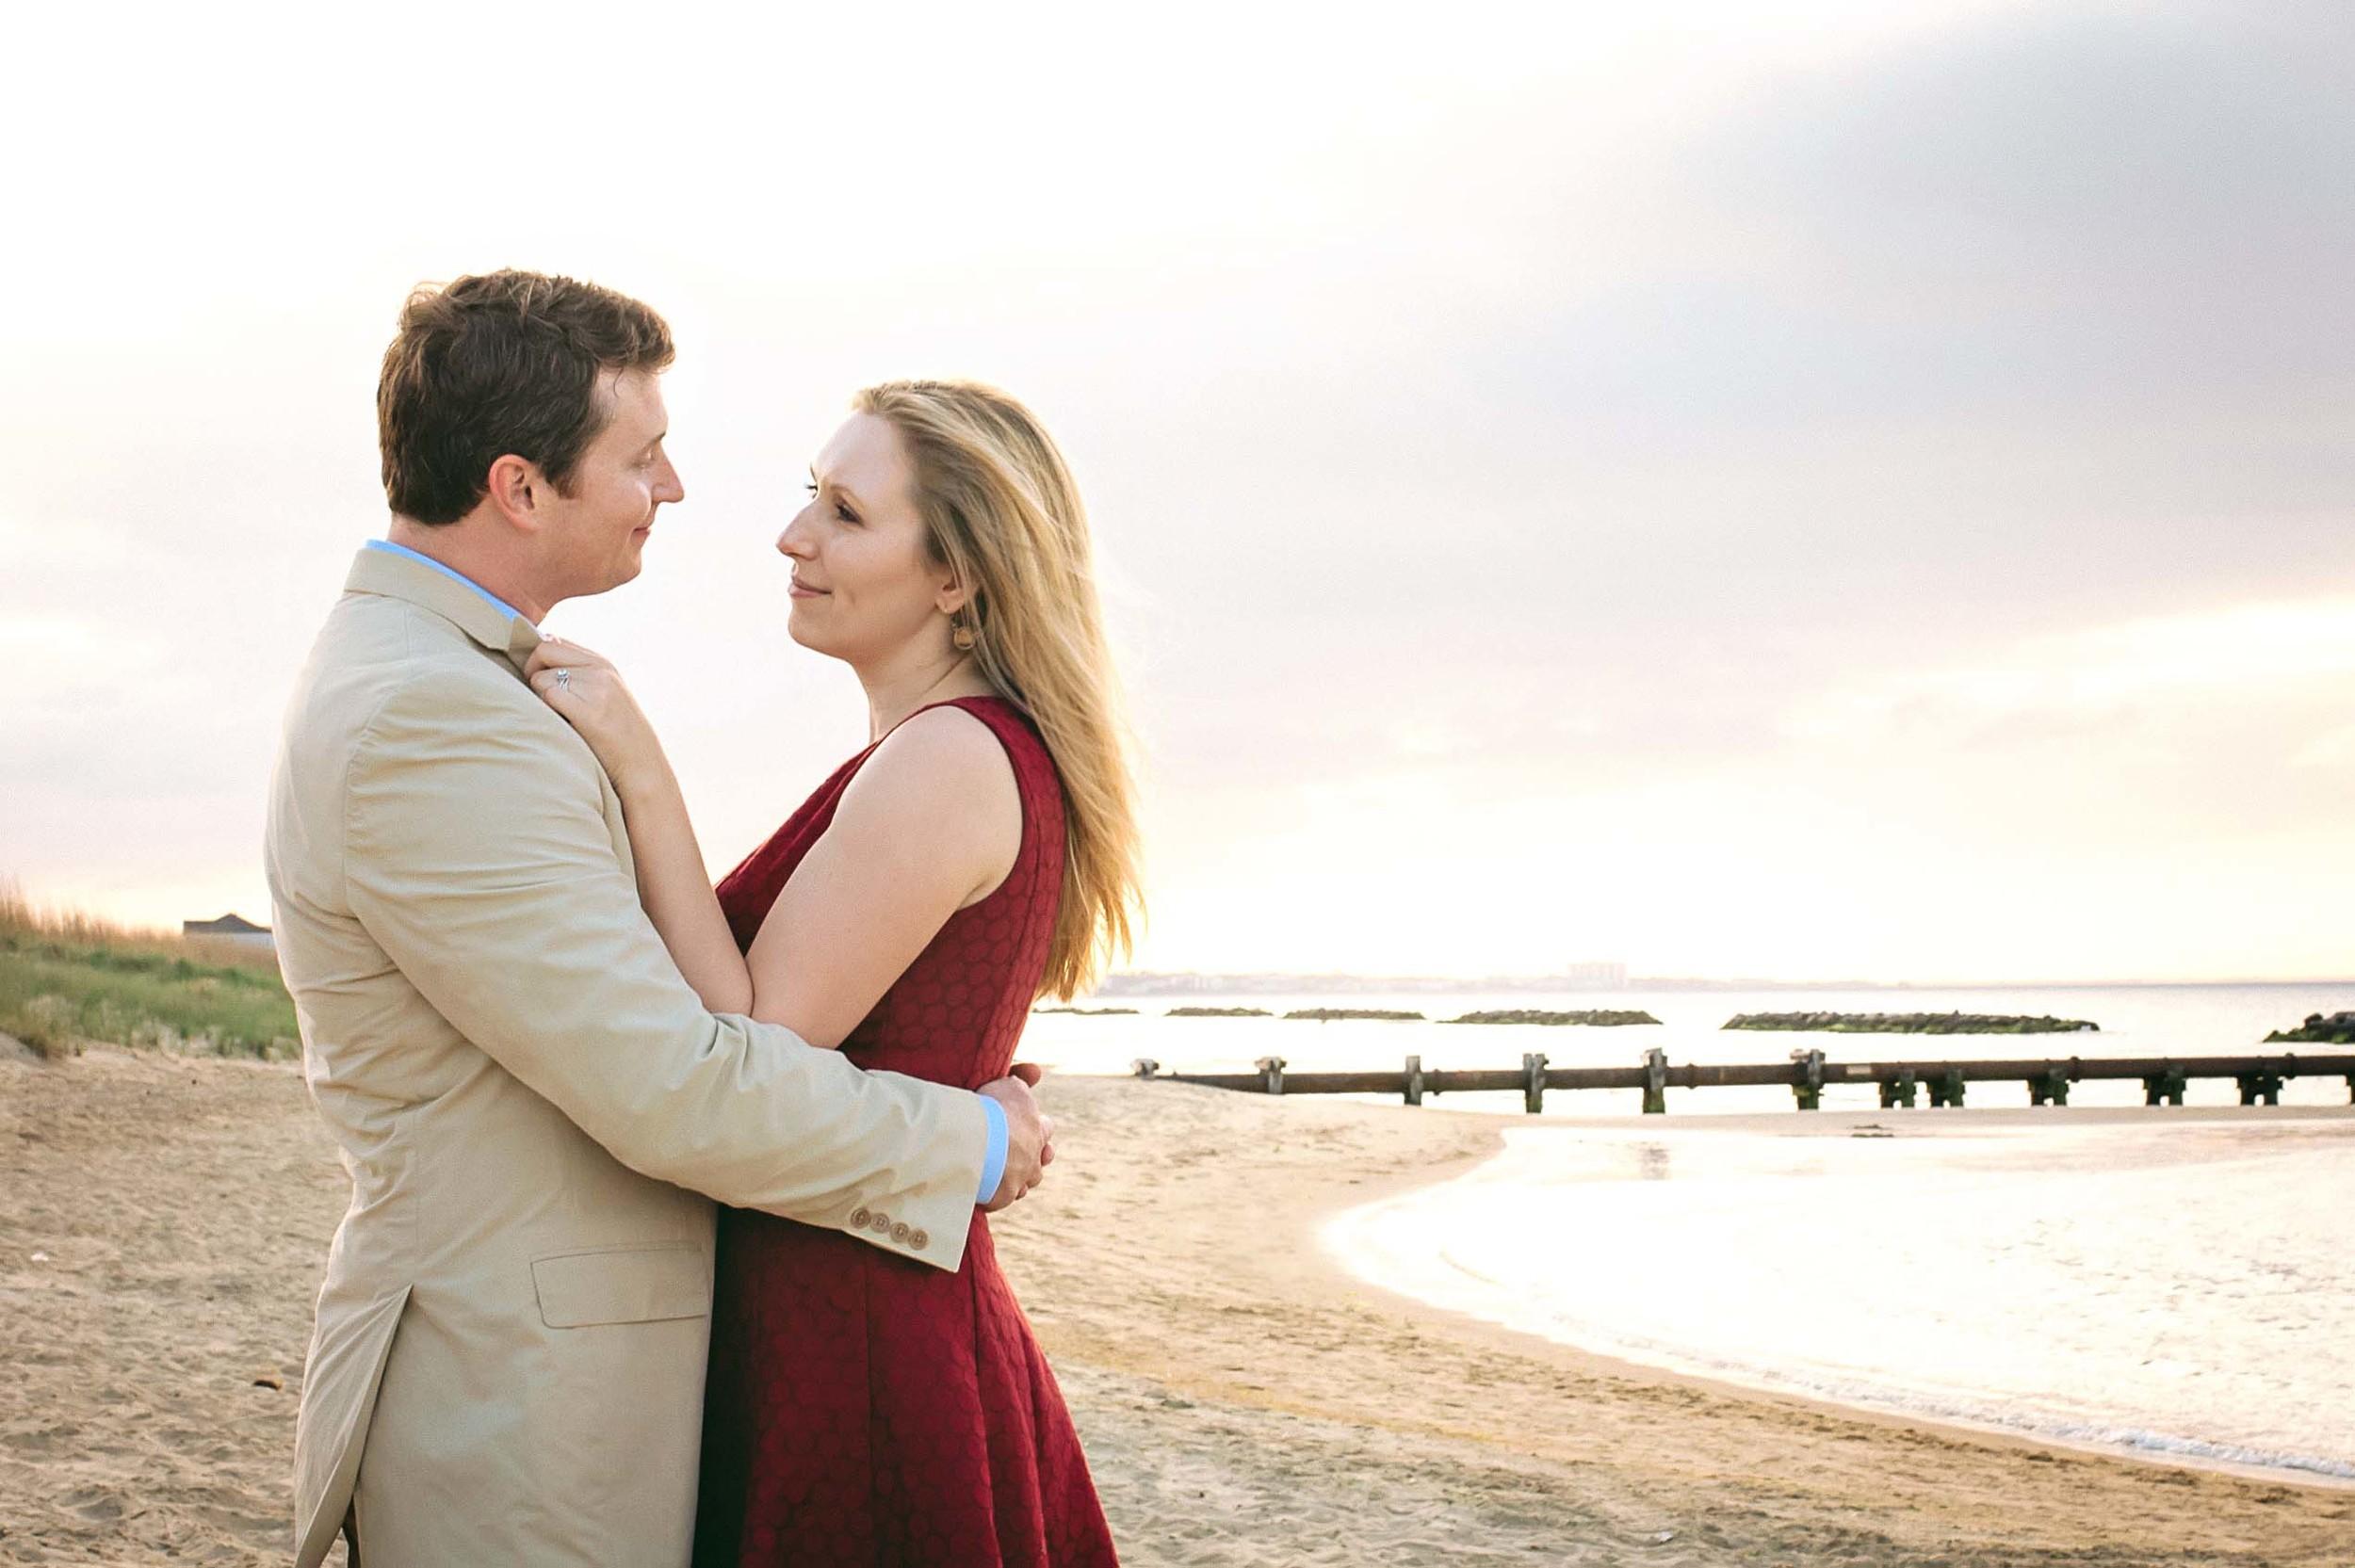 couple-on-the-beach-sunset-beach-session-melissa-bliss-photography-norfolk-virginia-beach-photographer